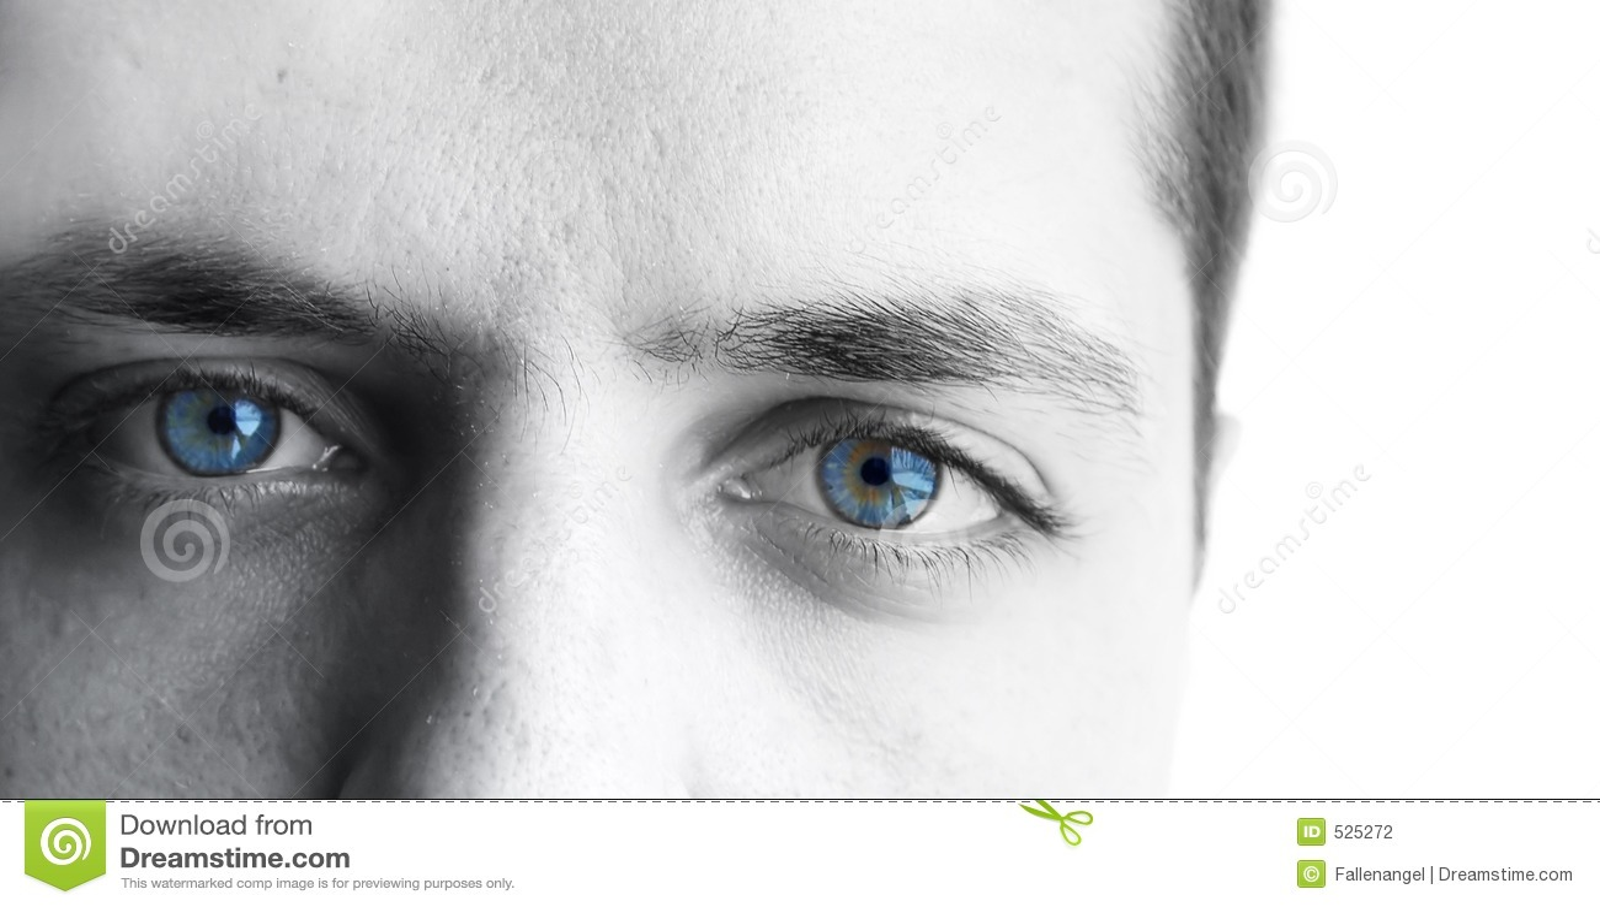 Olhos dos homens